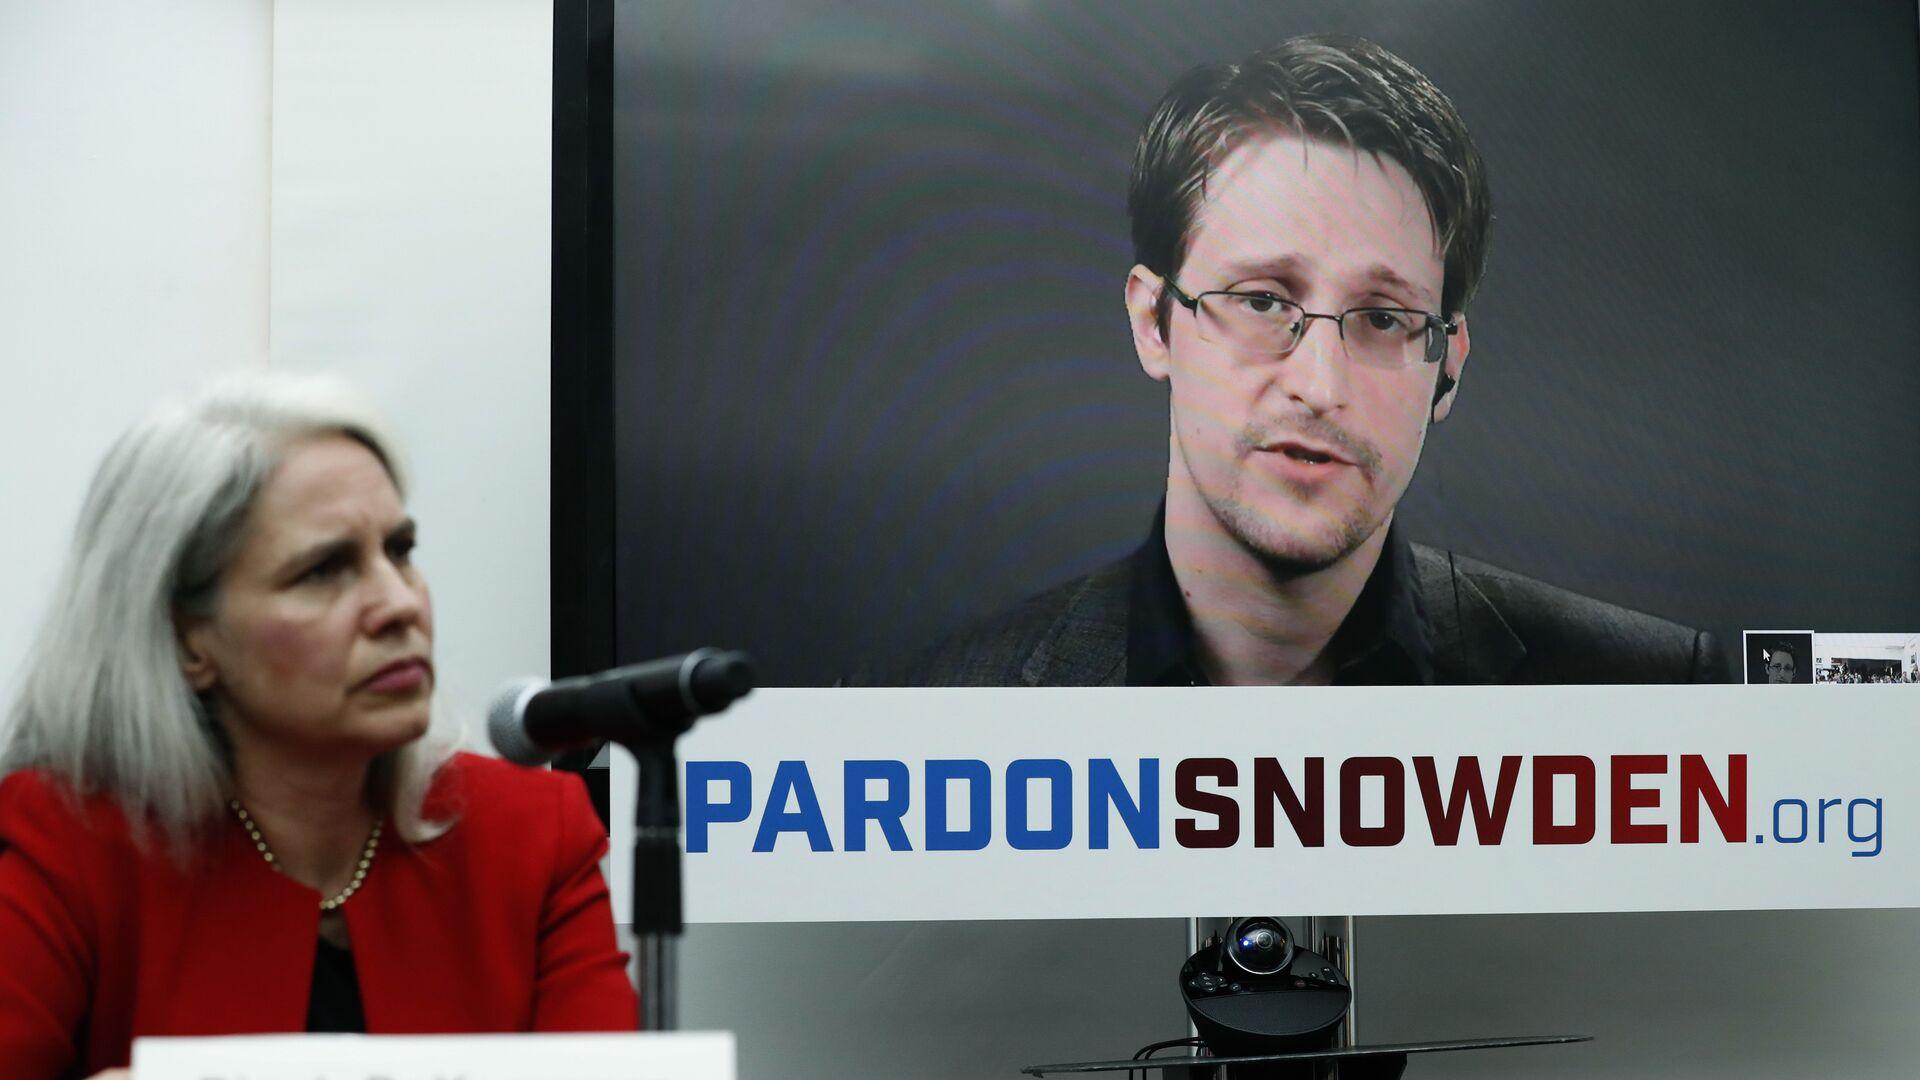 Экс-сотрудник американских спецслужб Эдвард Сноуден во время интерактивной видеоконференции. 14 сентября 2016 - РИА Новости, 1920, 16.08.2020